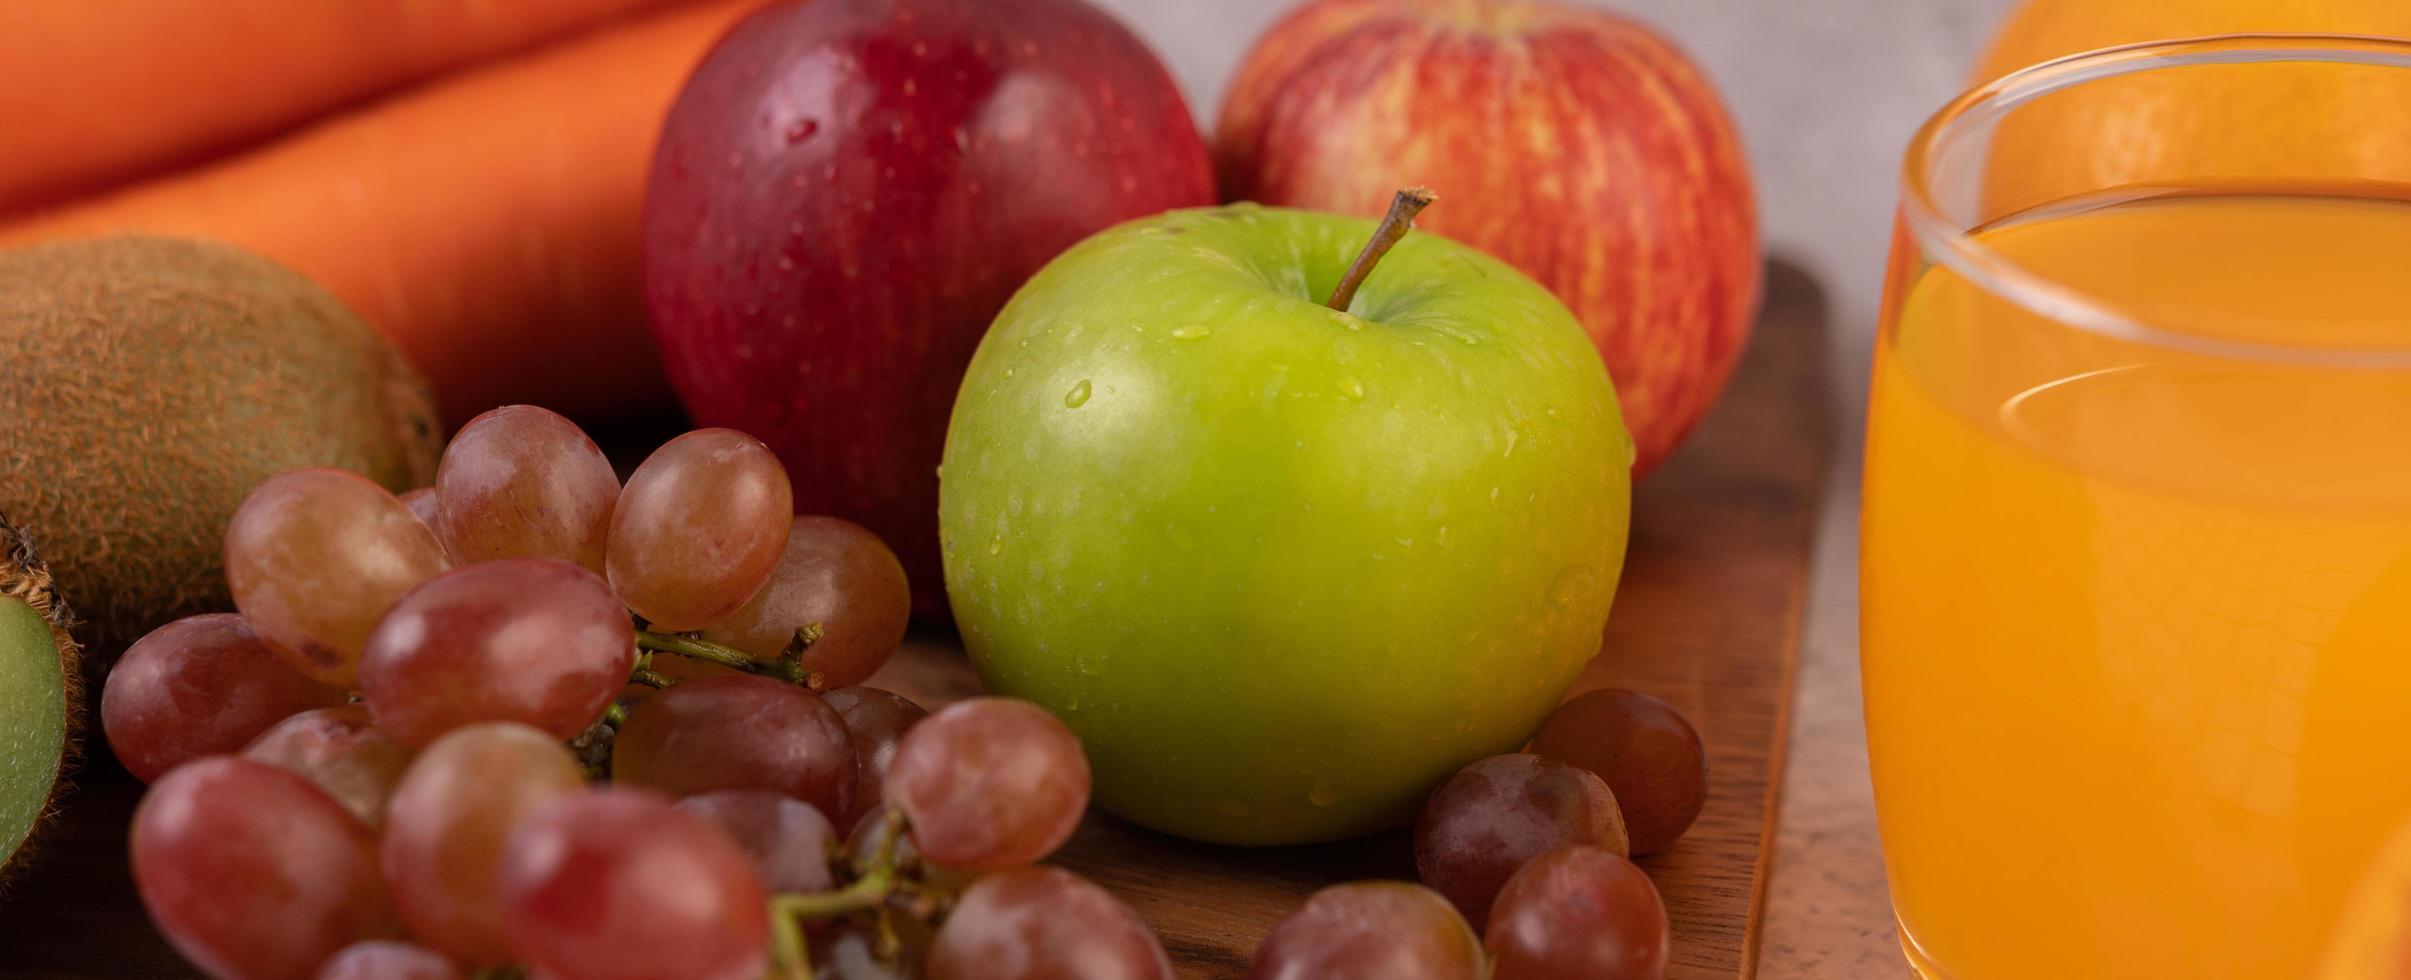 groene appel, druiven en sinaasappelsap foto